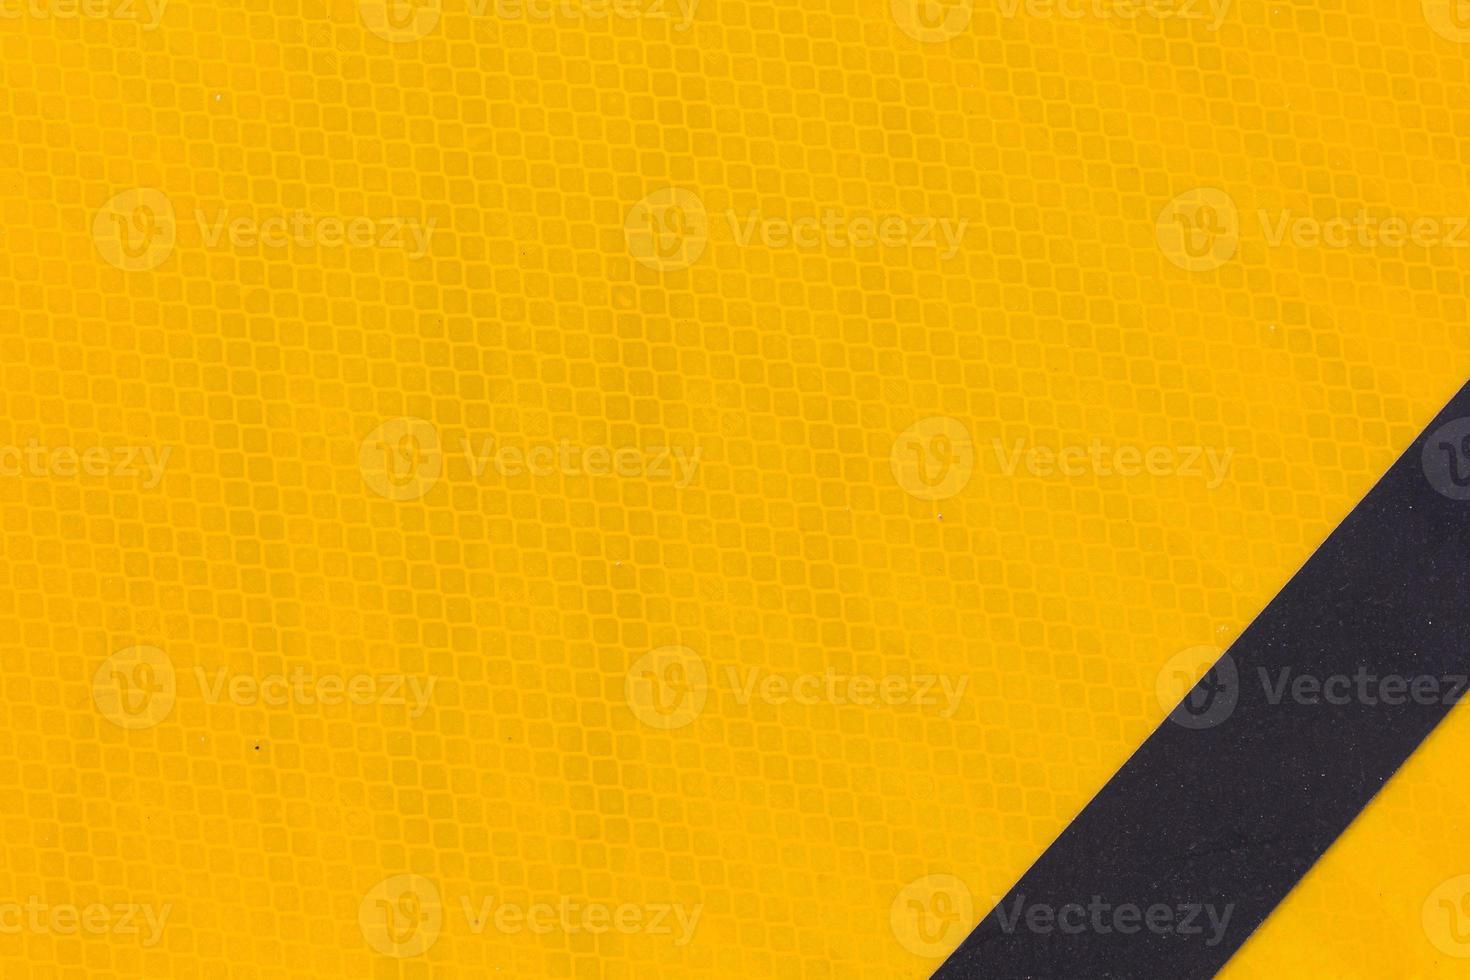 résumé, gros plan panneau jaune photo